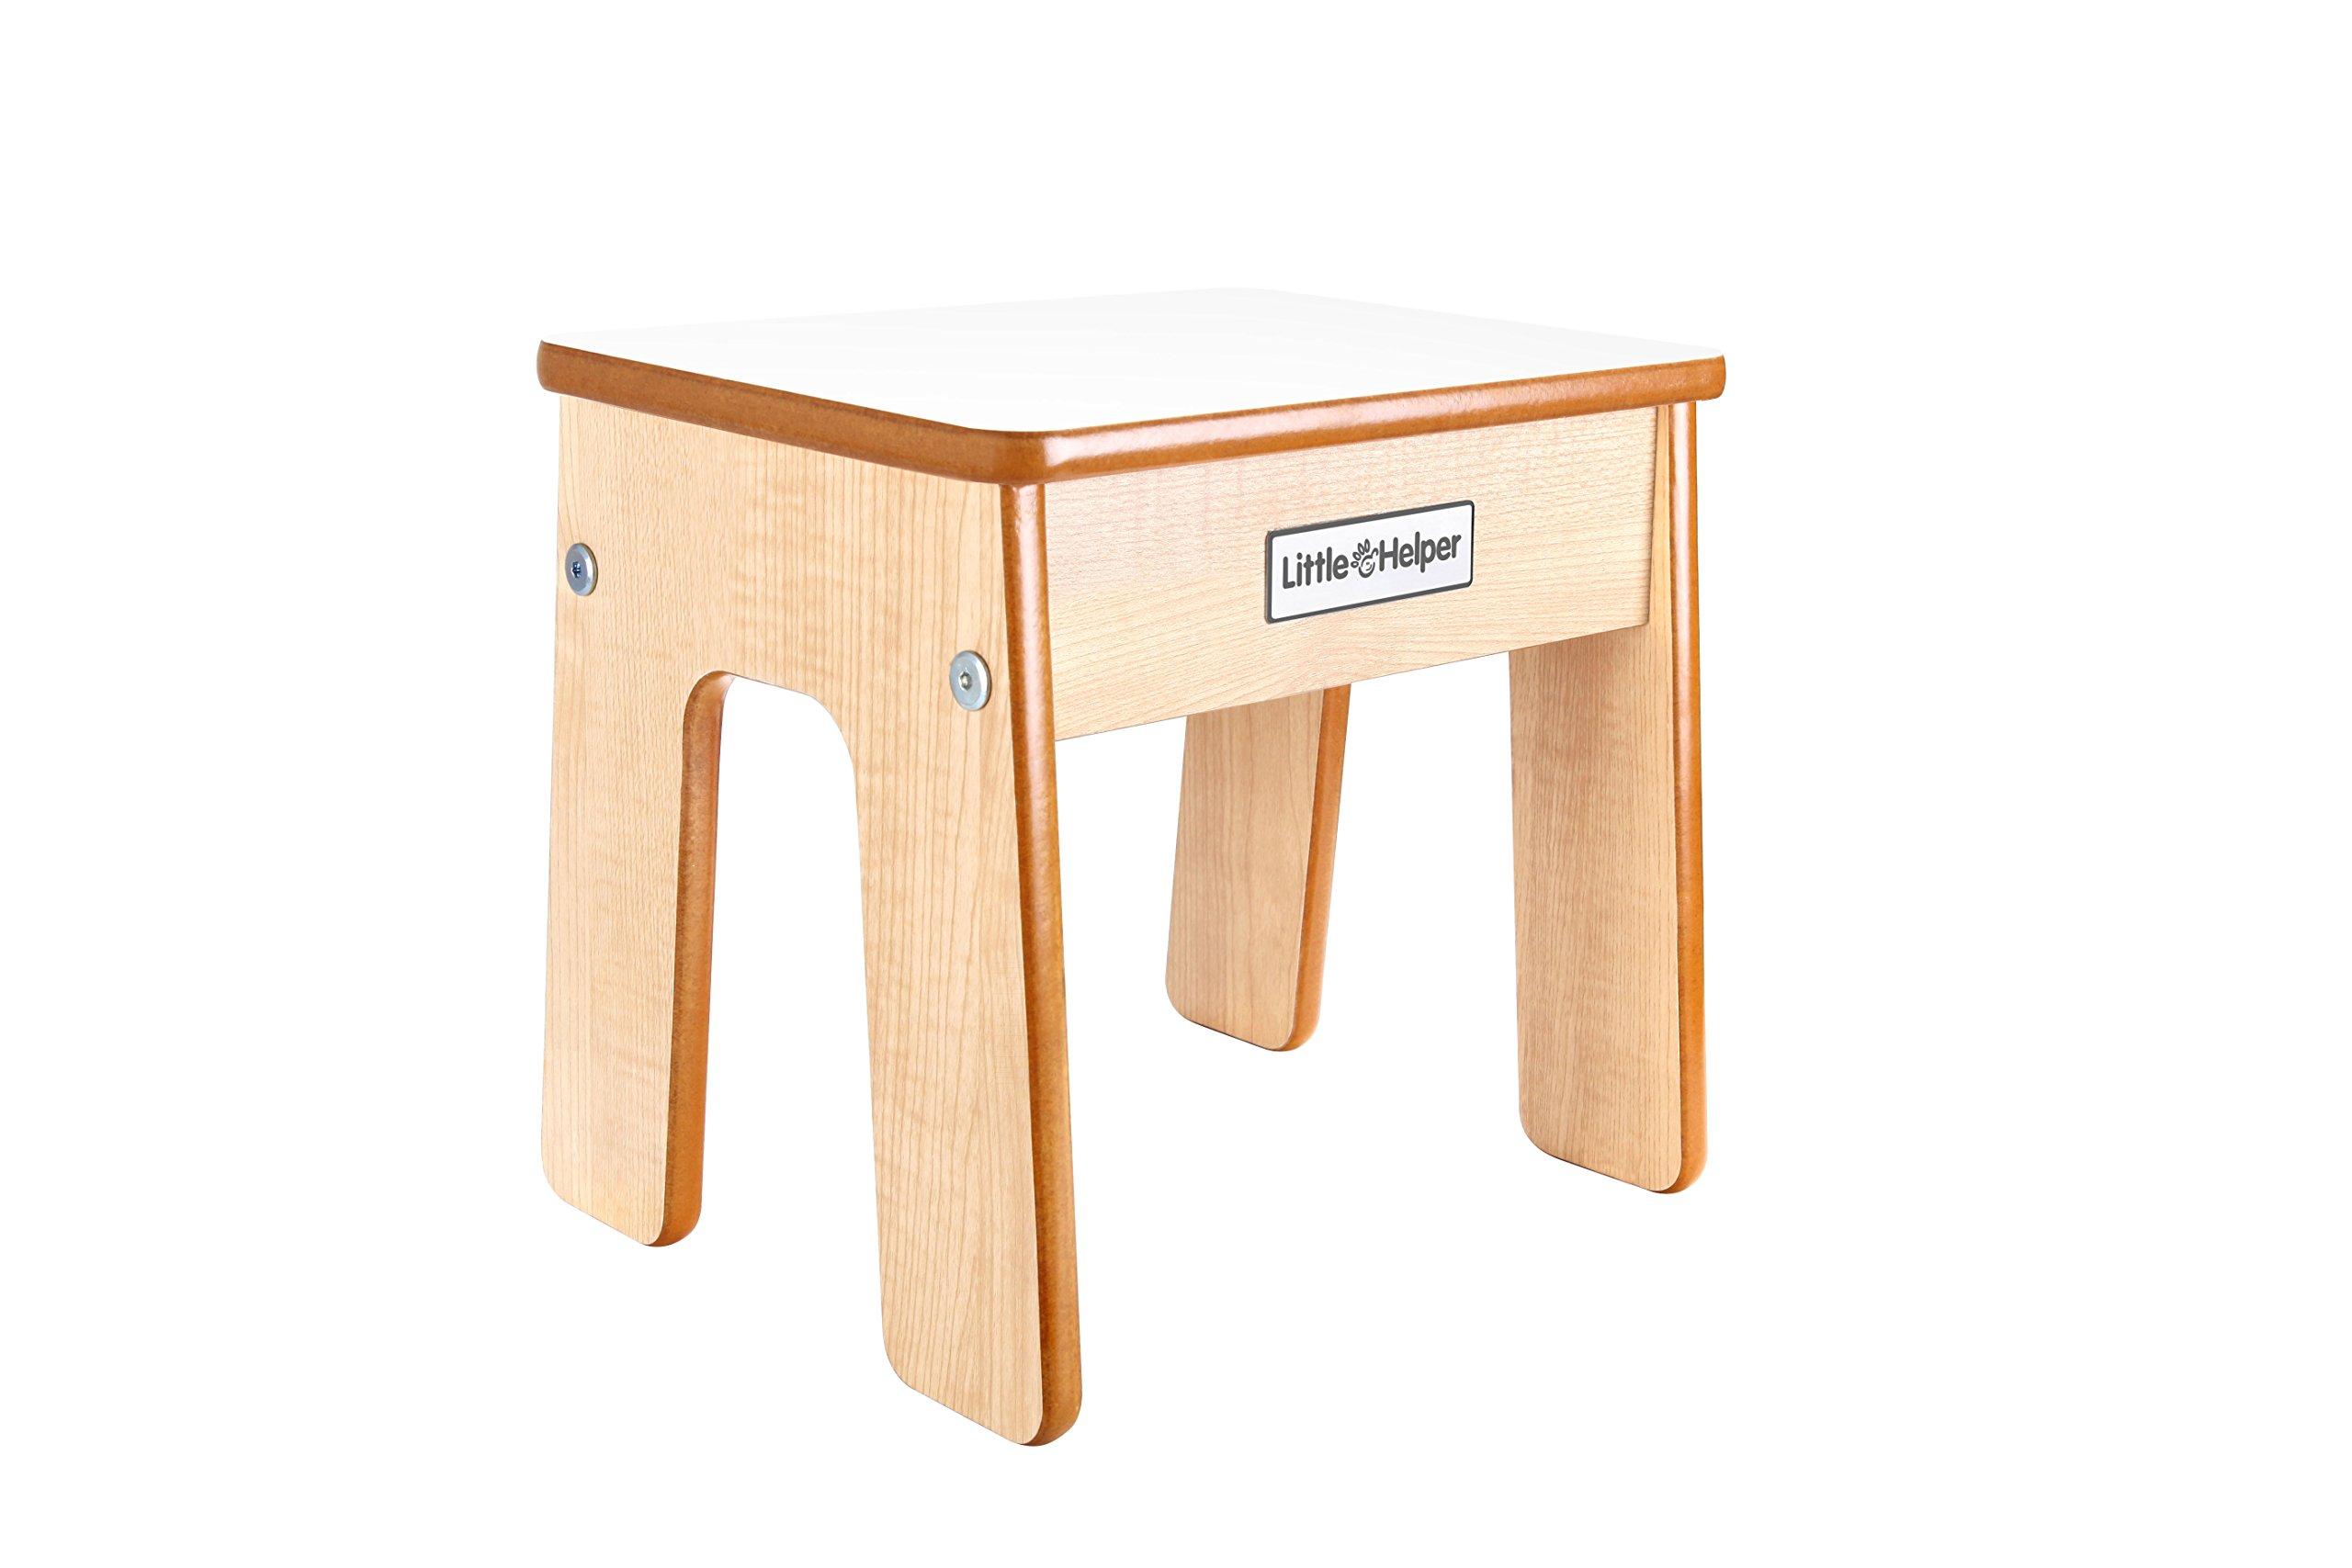 Little Helper FunPod Toddler Kitchen Safety Stand Wooden Worktop